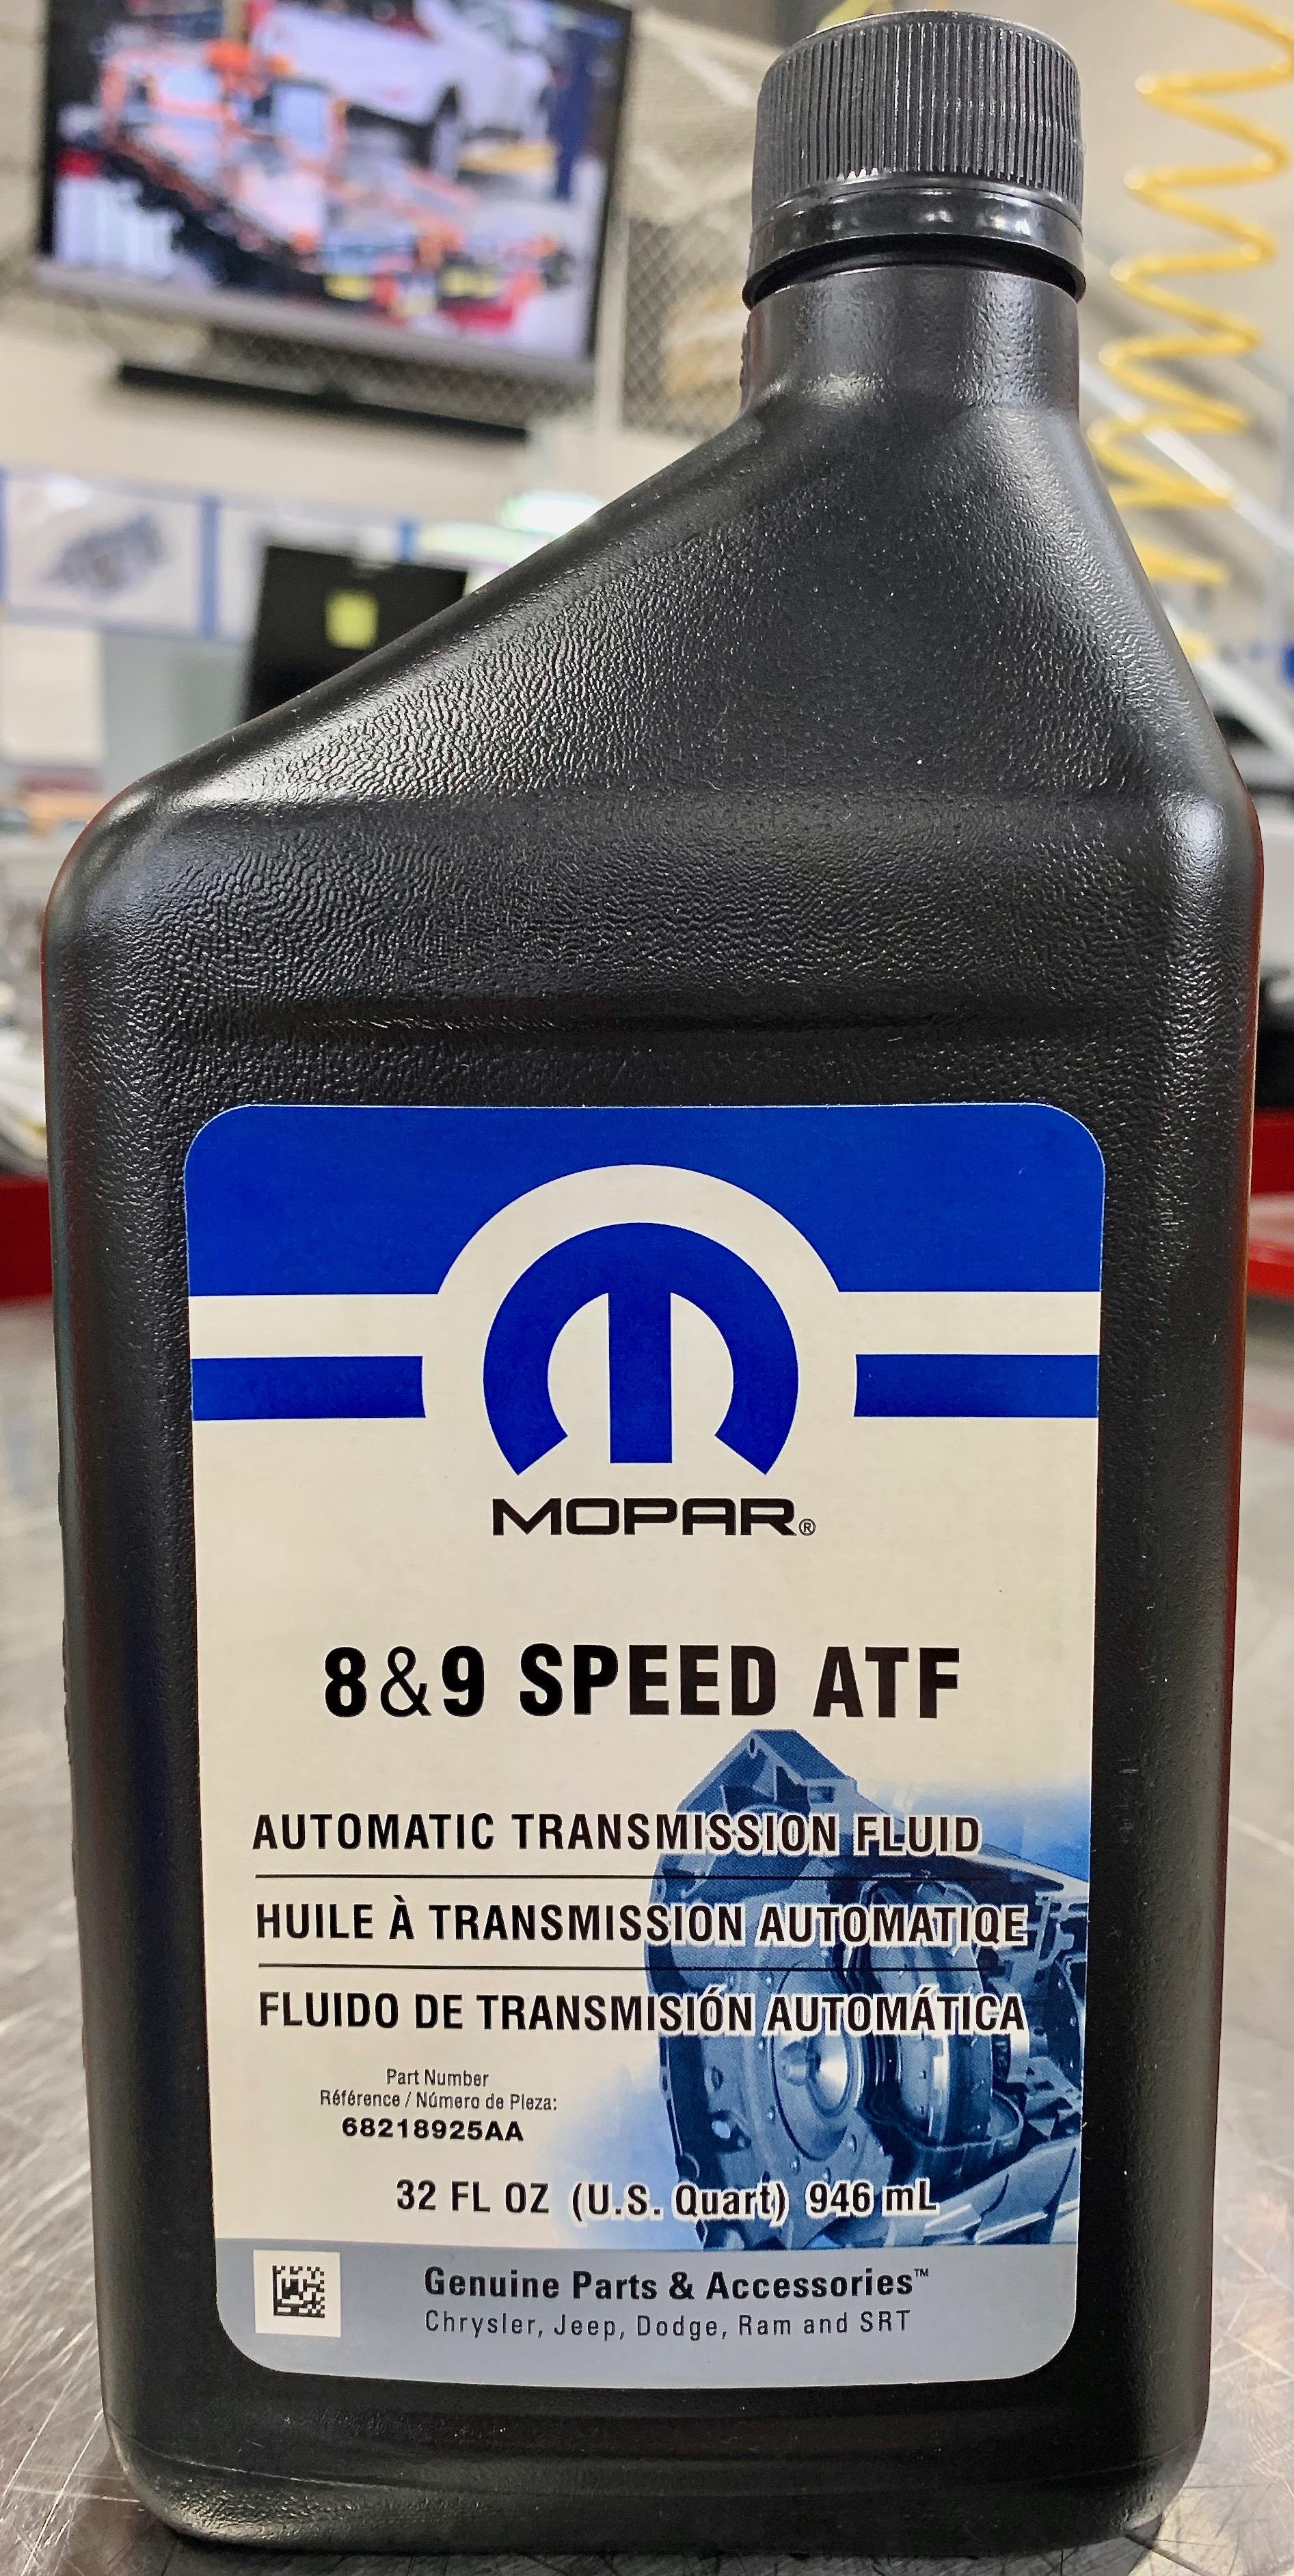 File:Mopar 8-9 Speed ATF 2013 jpg - Wikimedia Commons